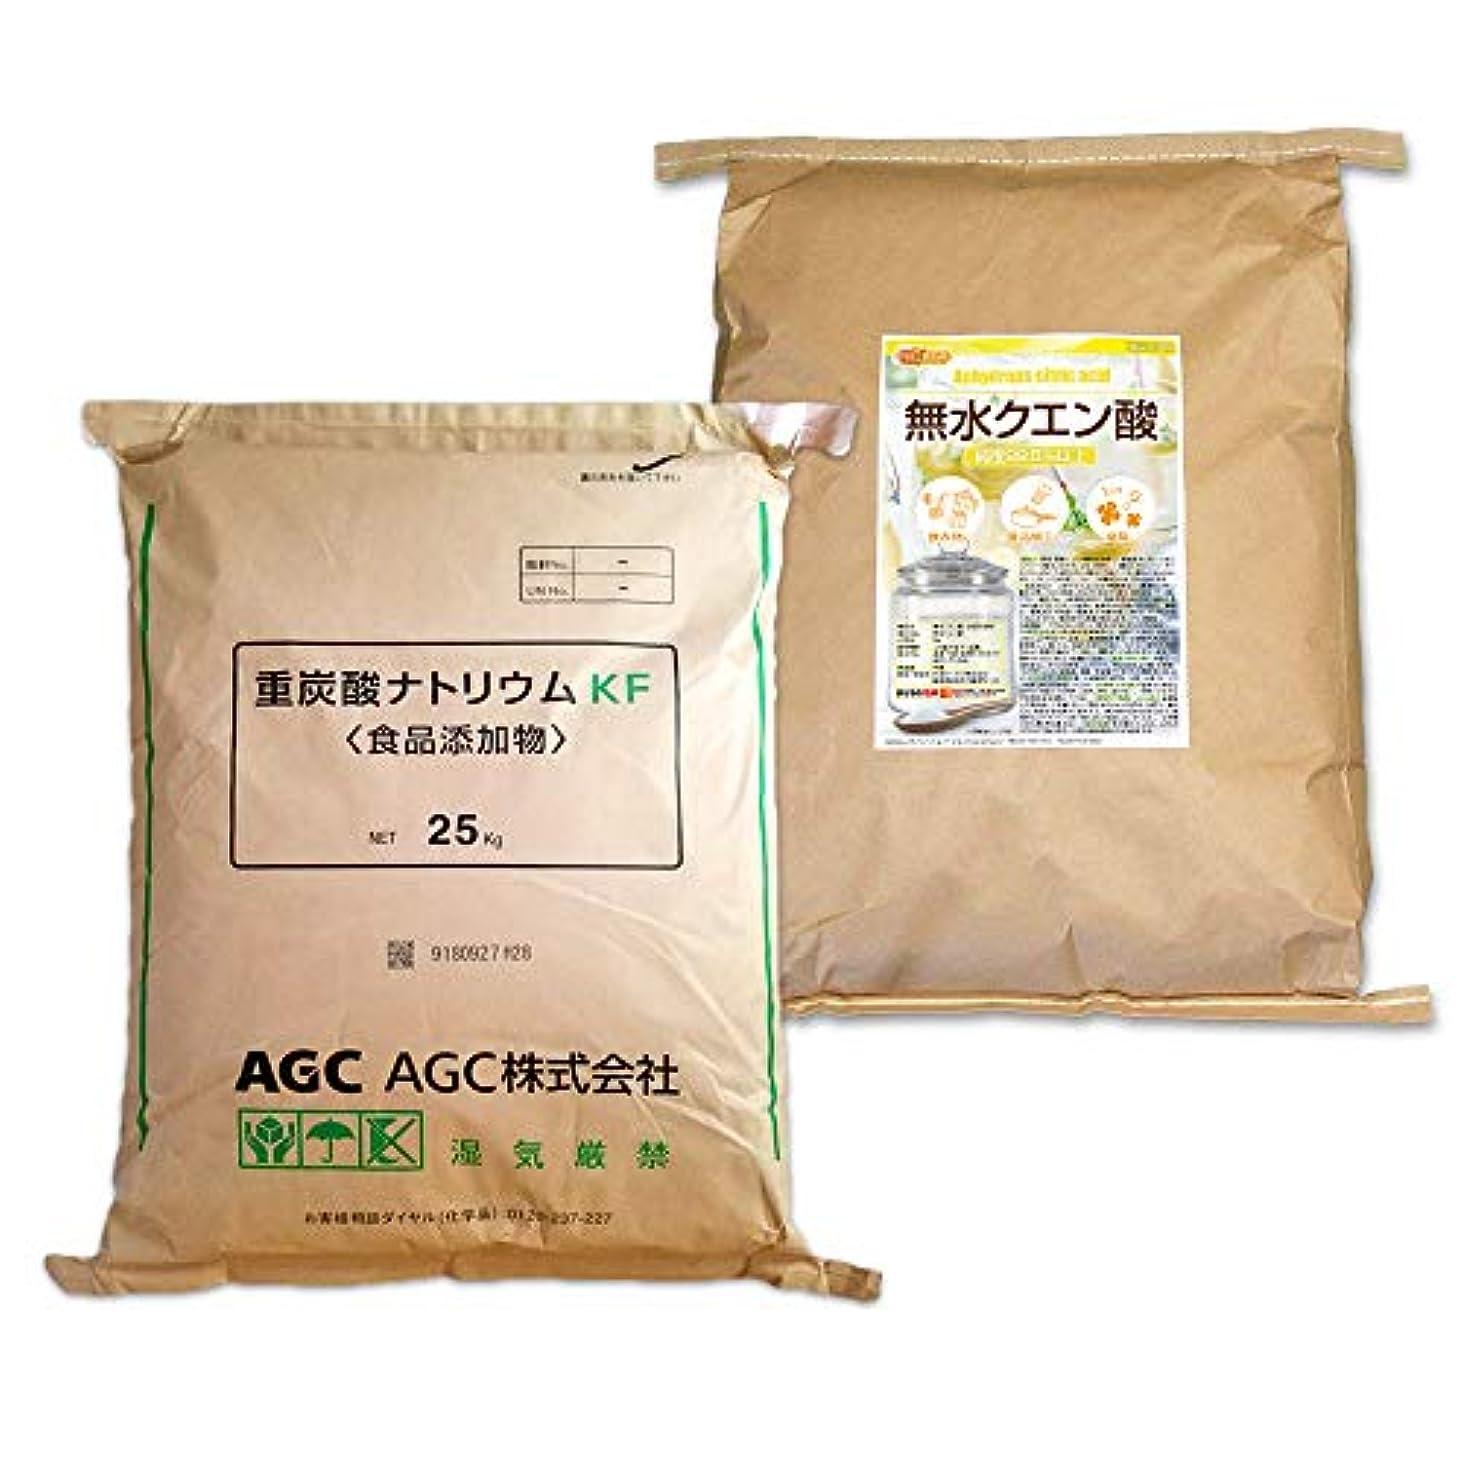 花弁未知の最近AGC製 重曹 25kg + 無水 クエン酸 25kg セット [02] 【同梱不可】NICHIGA(ニチガ)